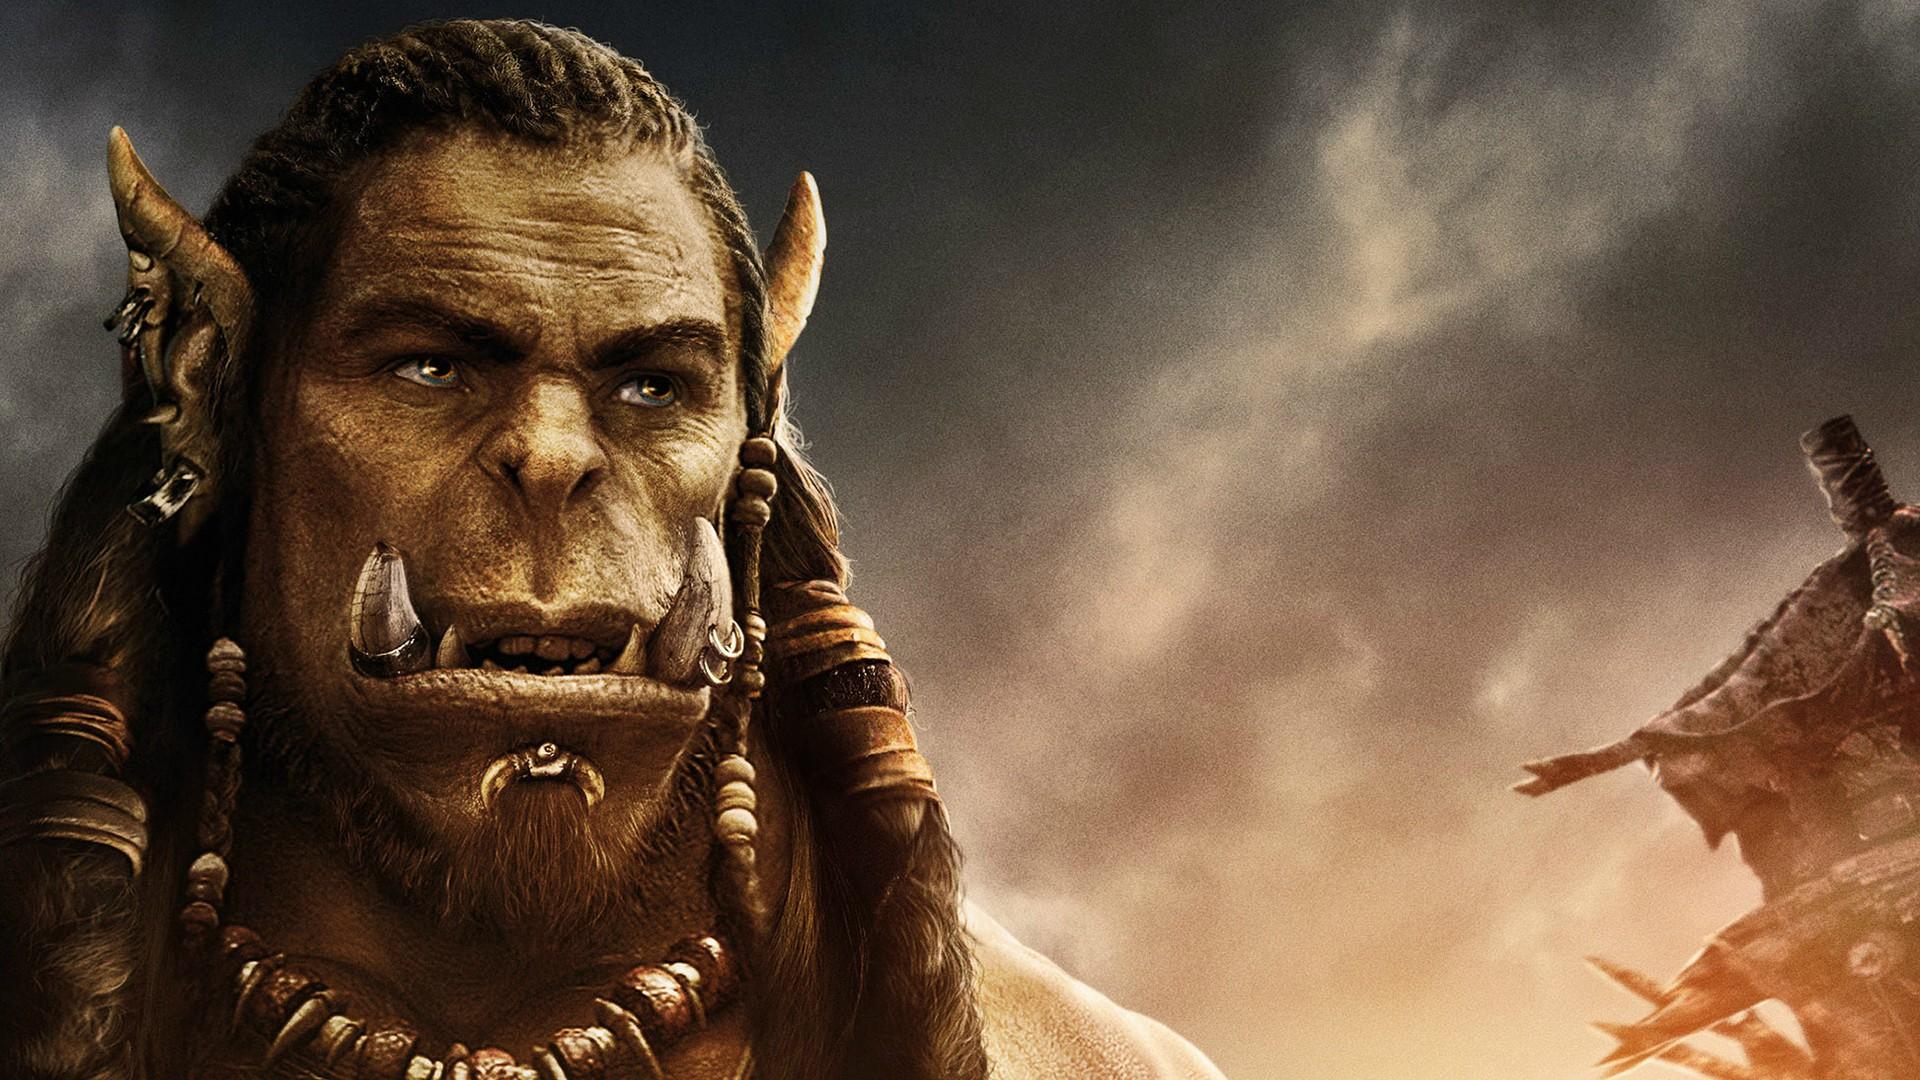 电脑壁纸 | 影视壁纸-魔兽Warcraft-2  高清壁纸 第3张